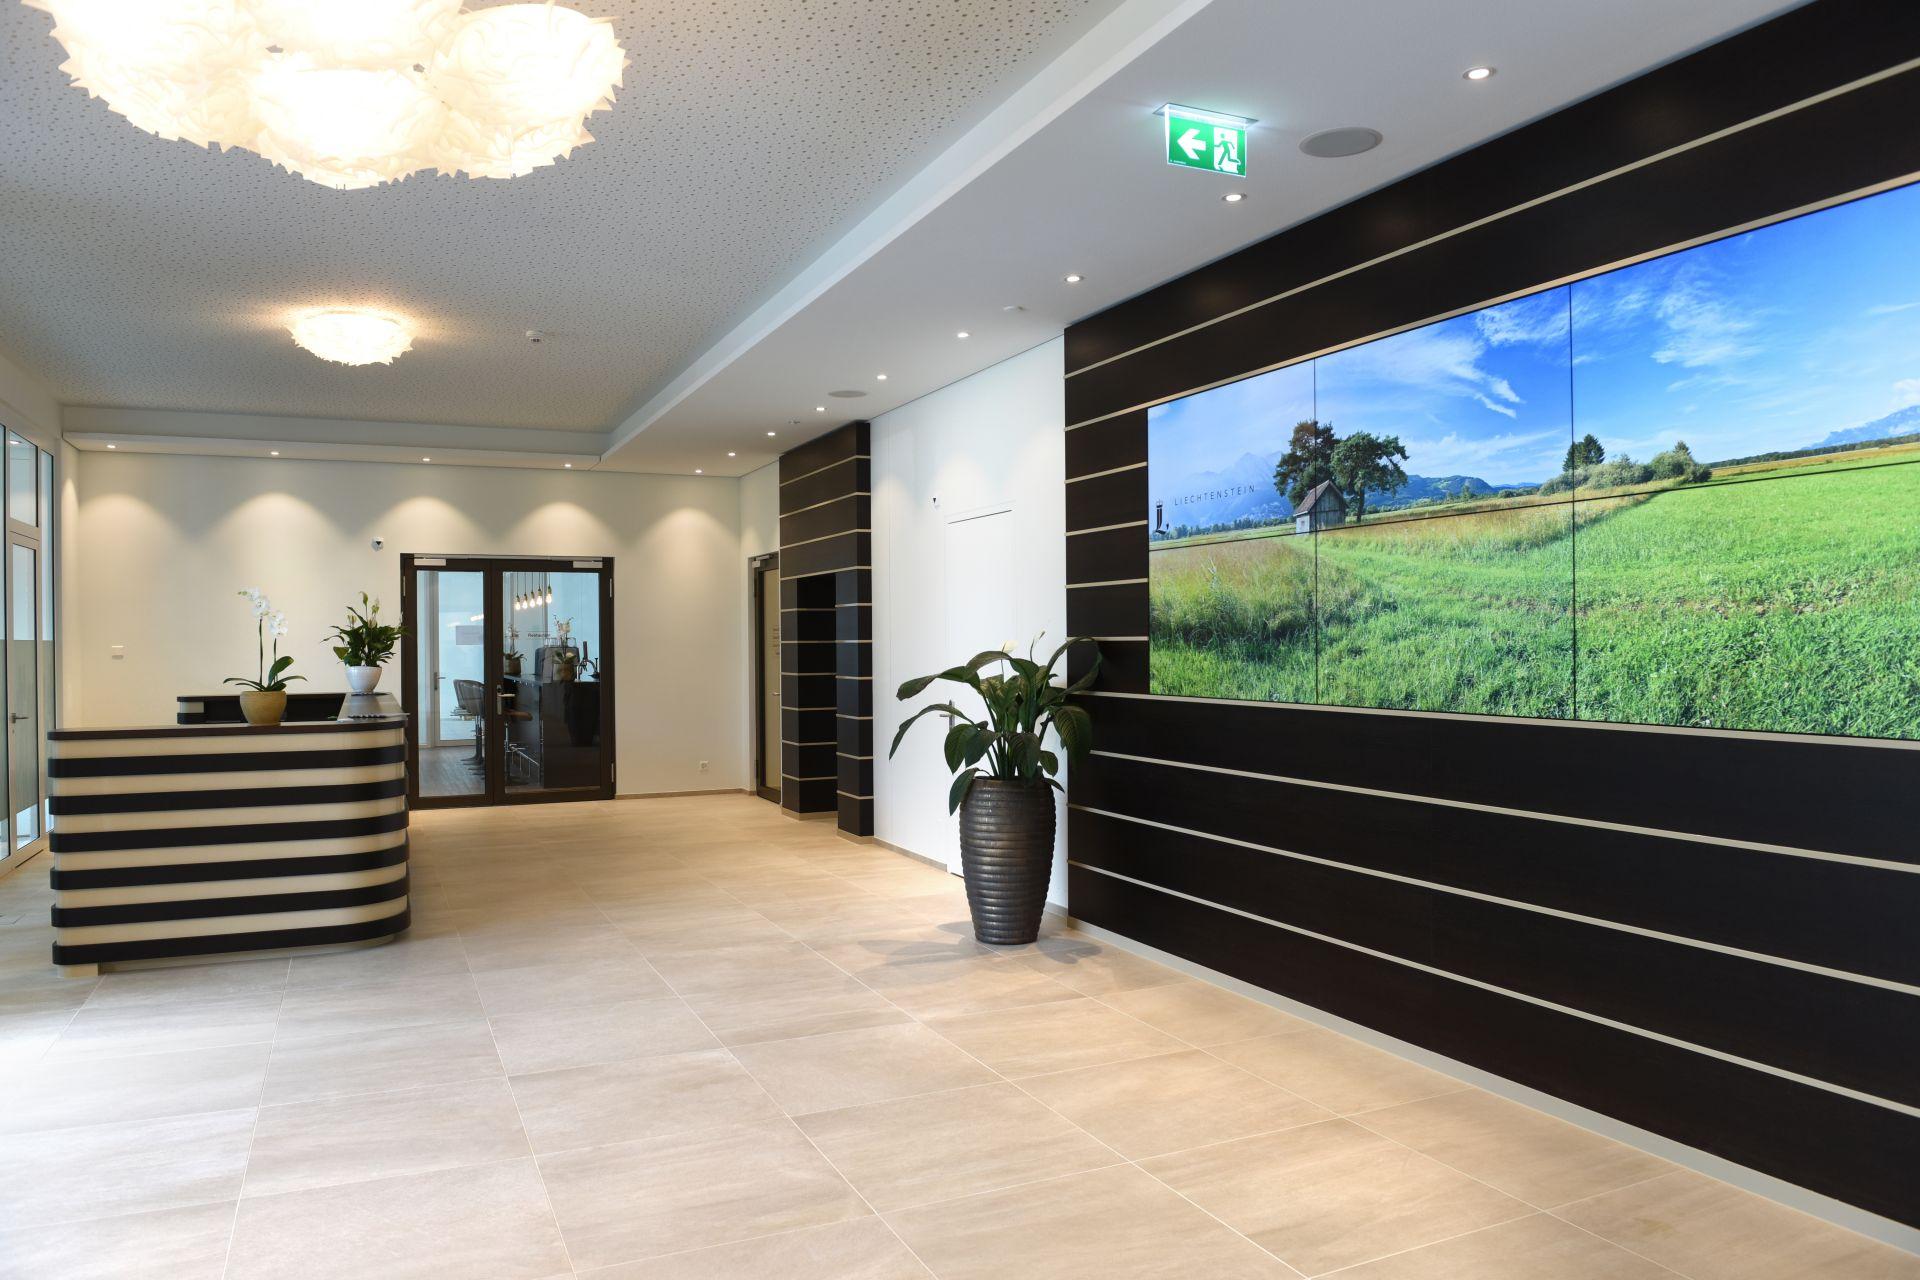 Business-Center, Ruggell